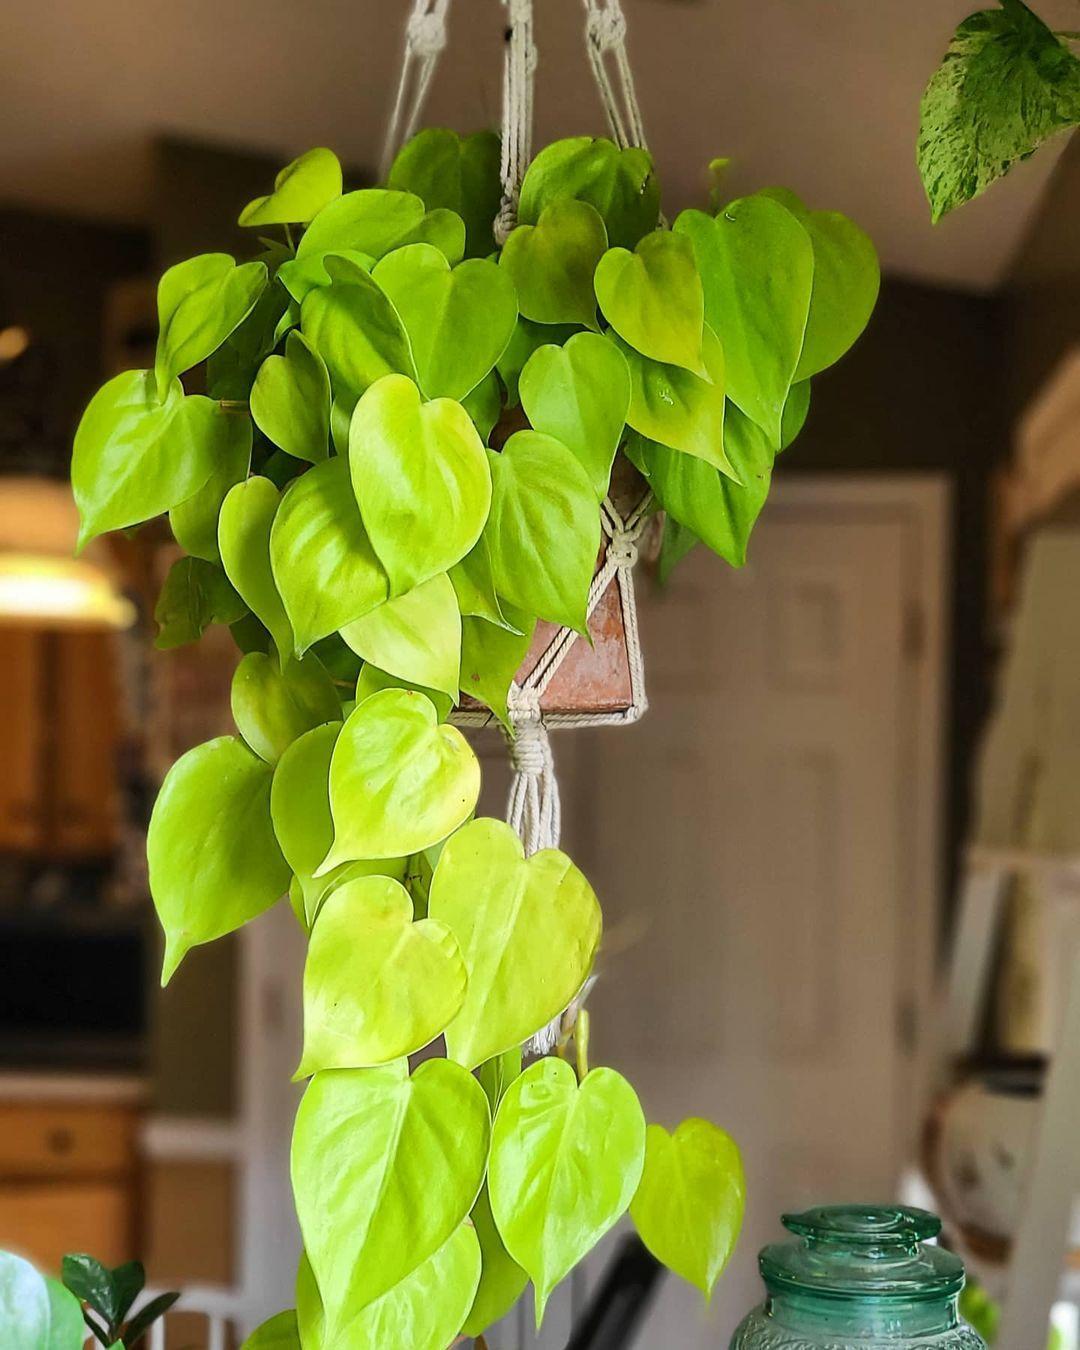 philodendron lemon lime in macrame hanger